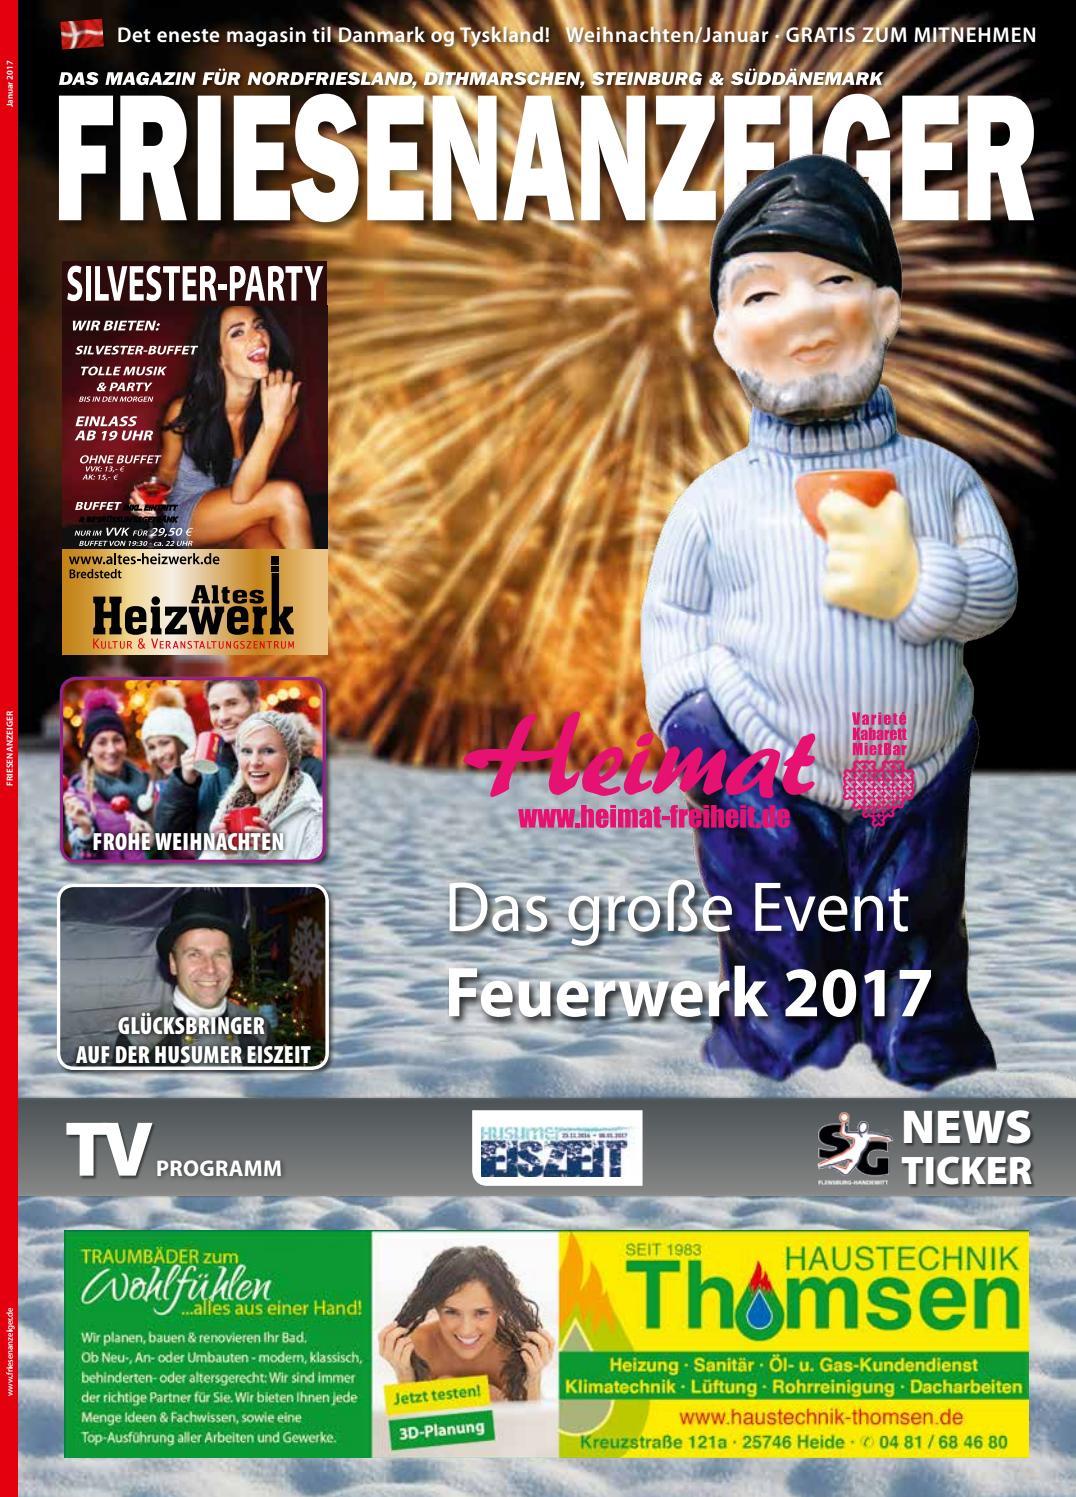 Friesenanzeiger Januar 2017 by Friesenanzeiger - issuu